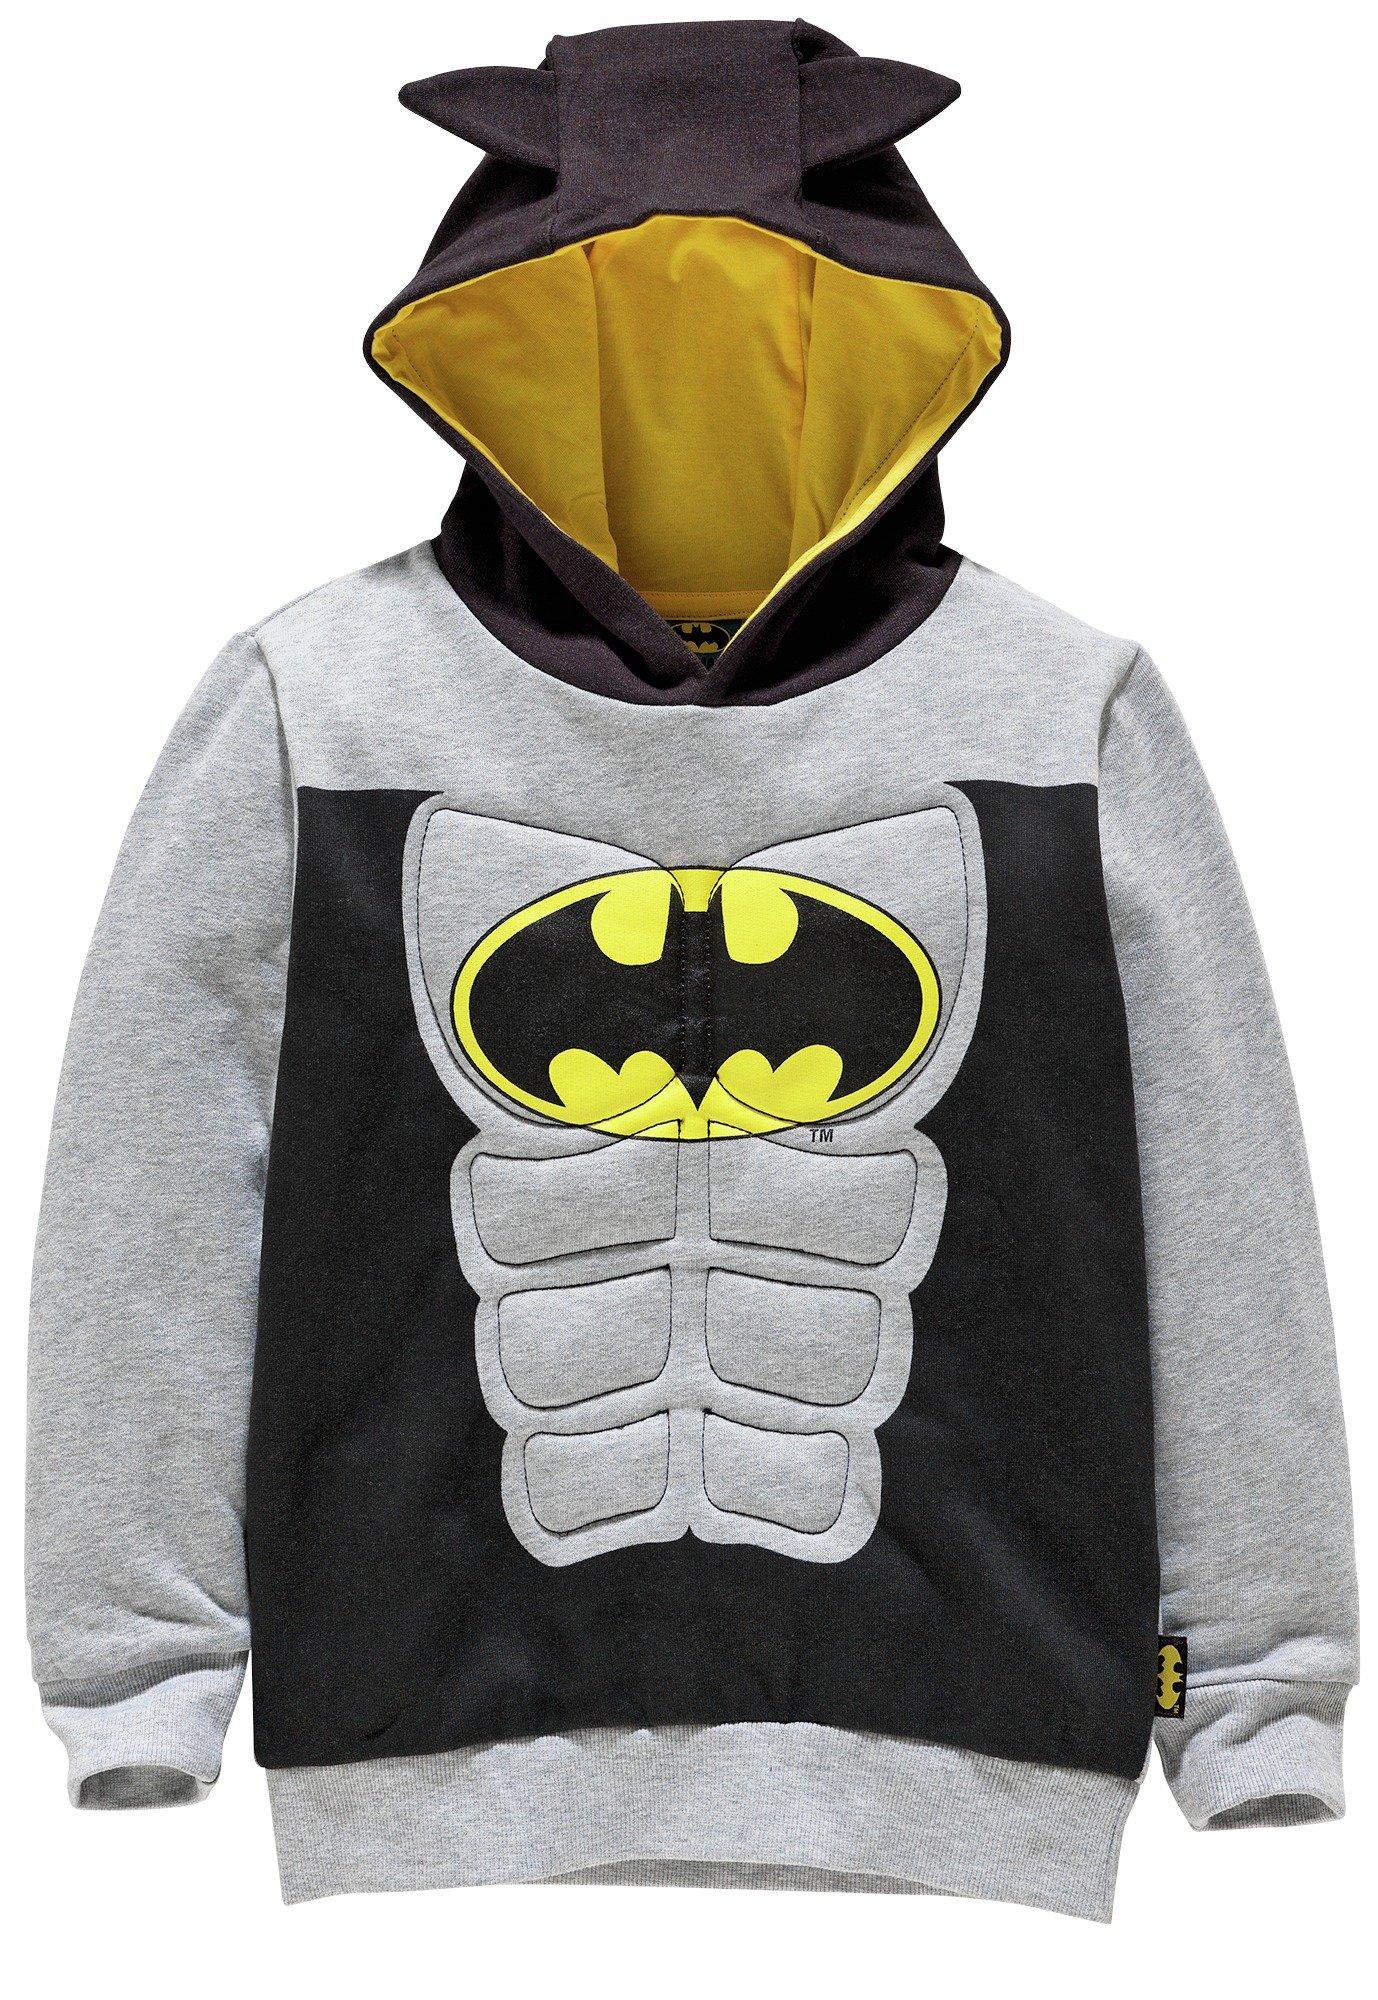 Image of Batman - Boys Muscle Hoodie - 7-8 Years